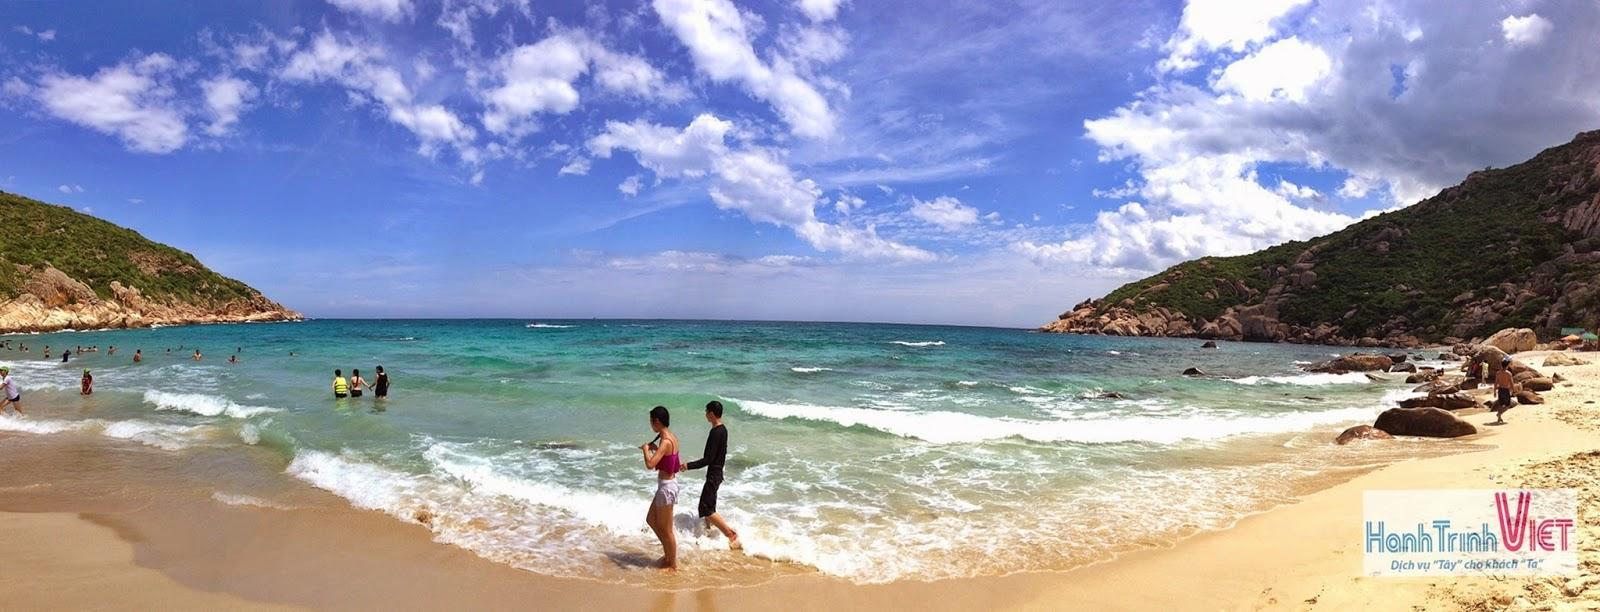 Tham quan đảo Tôm Hùm Bình Ba